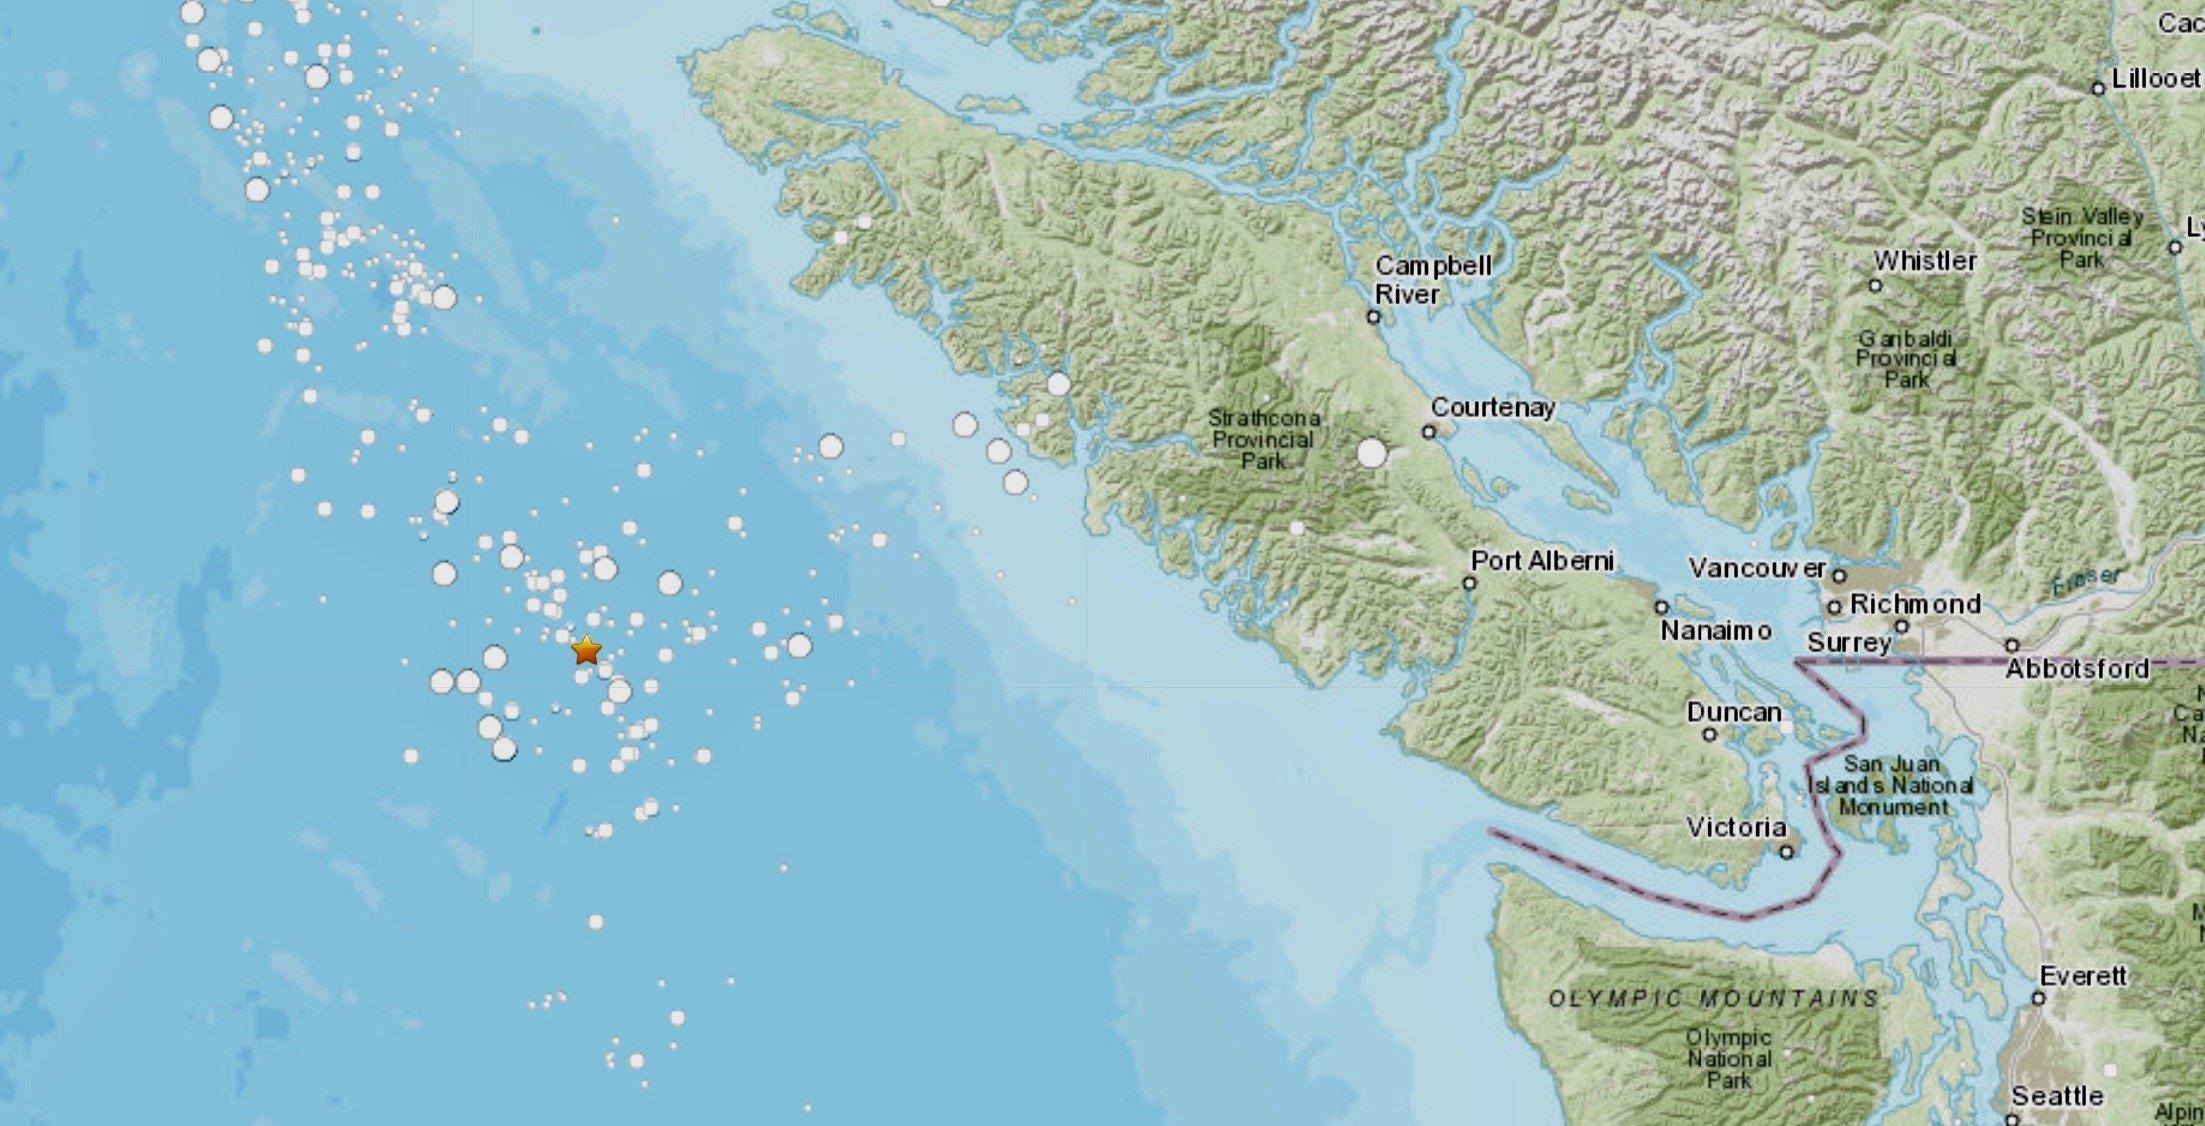 Magnitude 5.4 earthquake strikes off coast of Vancouver Island